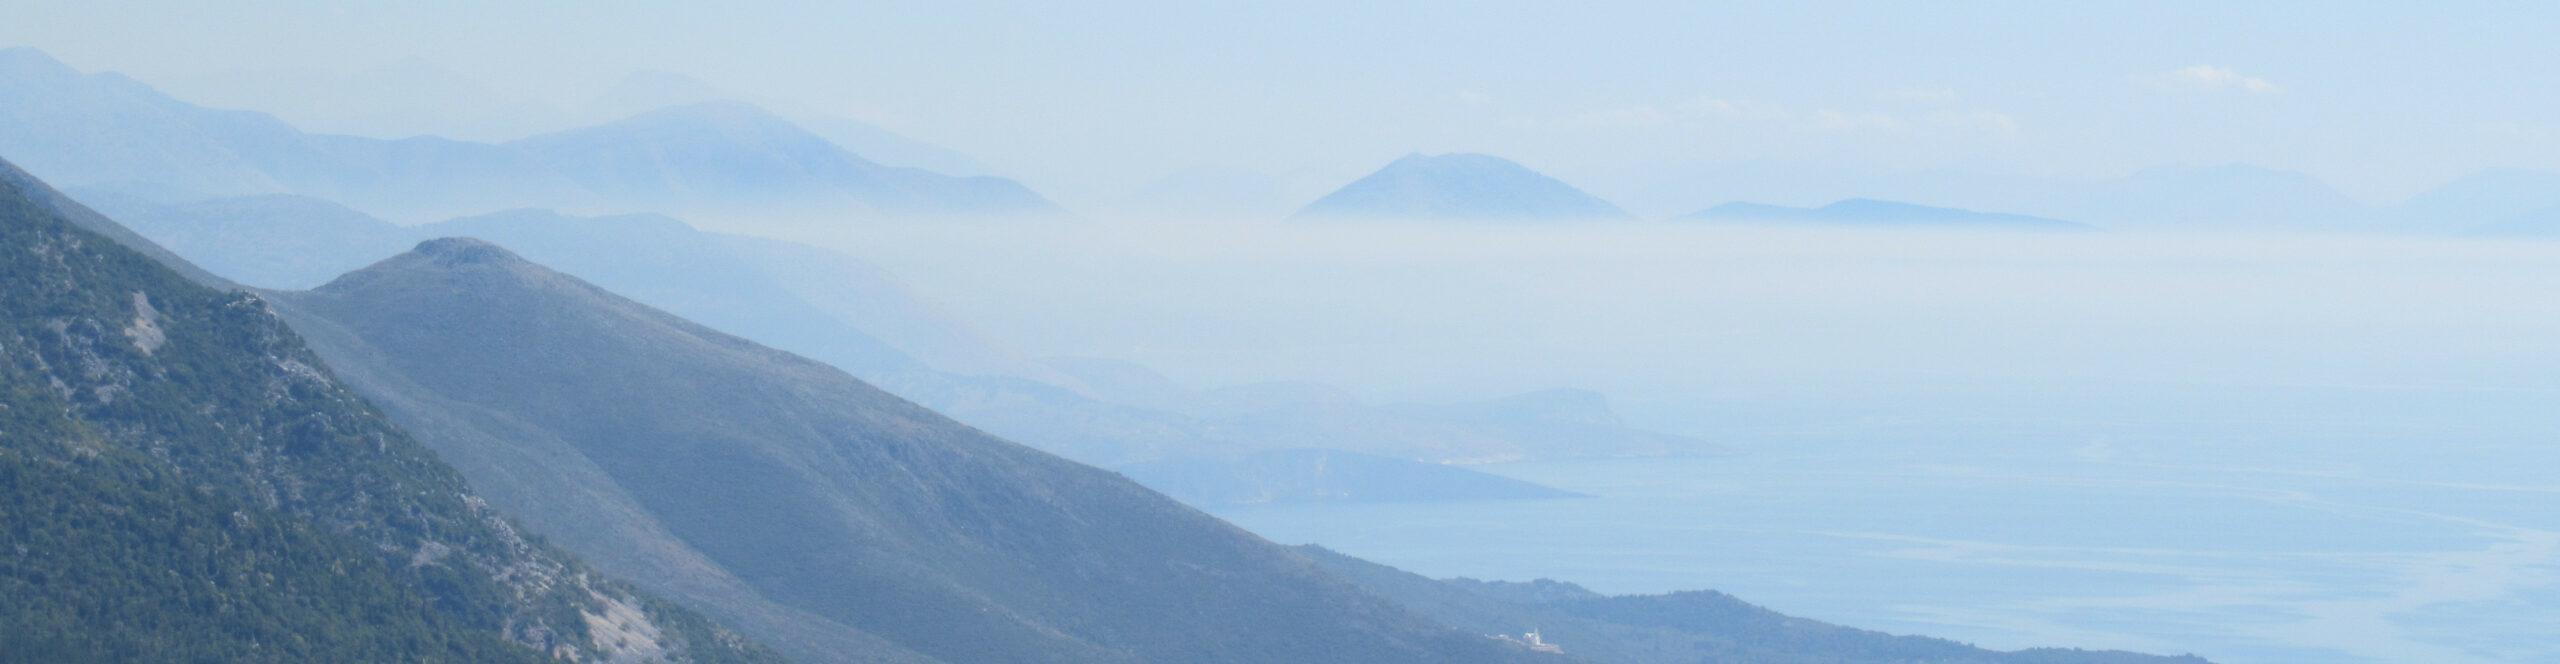 Albanien – Berge, Meer, Geschichte und mehr… eine unvergessliche Bus- & Schiffsreise durch das faszinierende Land an der Adria